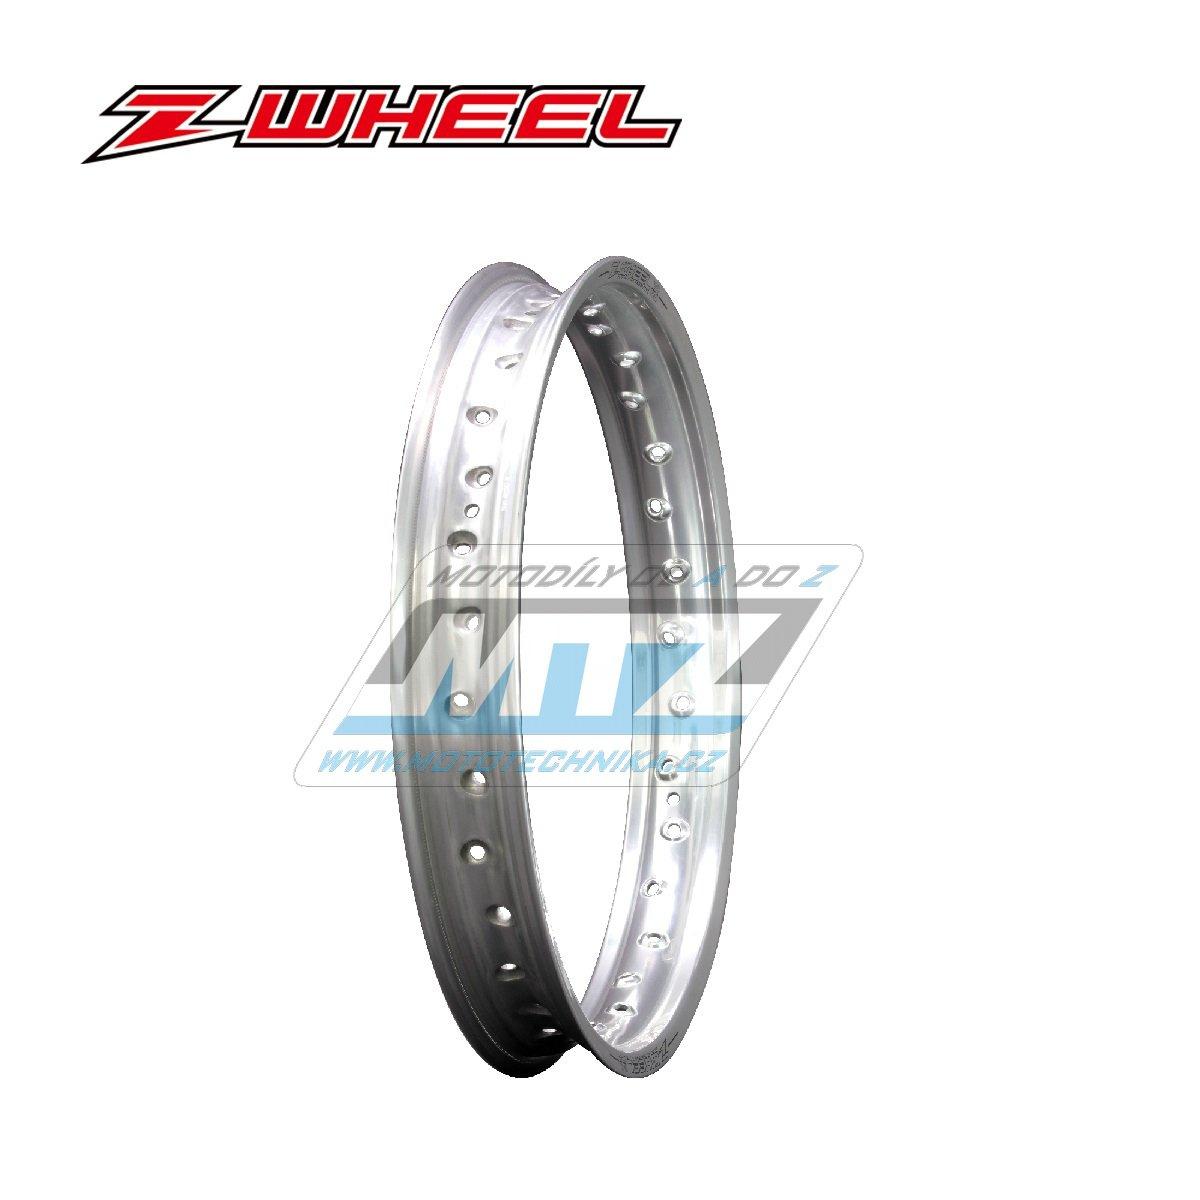 """Ráfek zadní Zeta Z-WHEEL - rozměr 2,15x19"""" - 36H (předvrtaný 36otvorů) - stříbrný"""